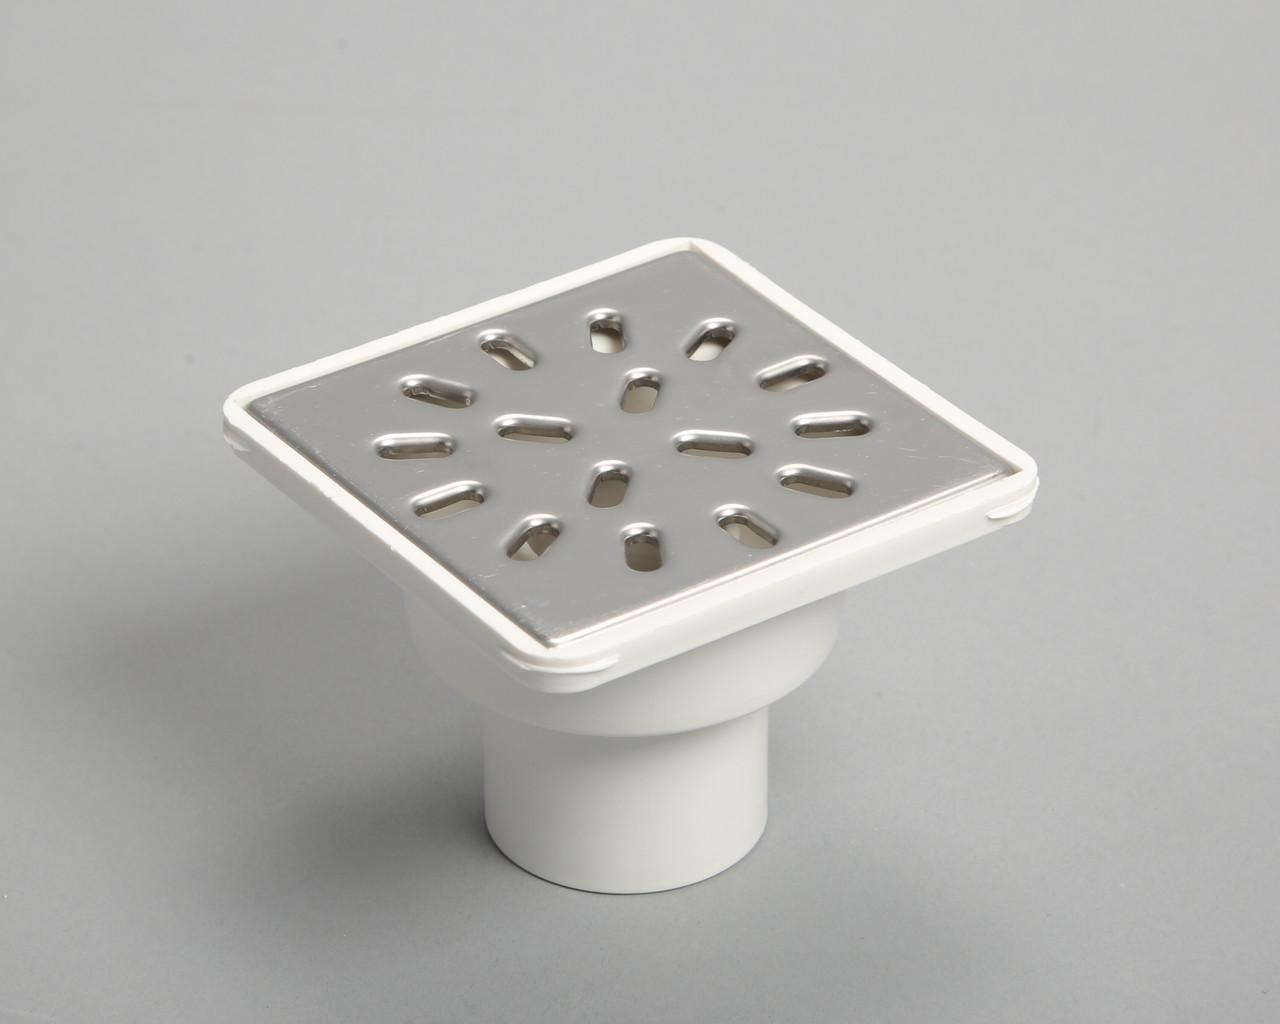 Трап для ванной вертикальный D50, решетка с нерж. стали 150х150мм, с гидрозатвором